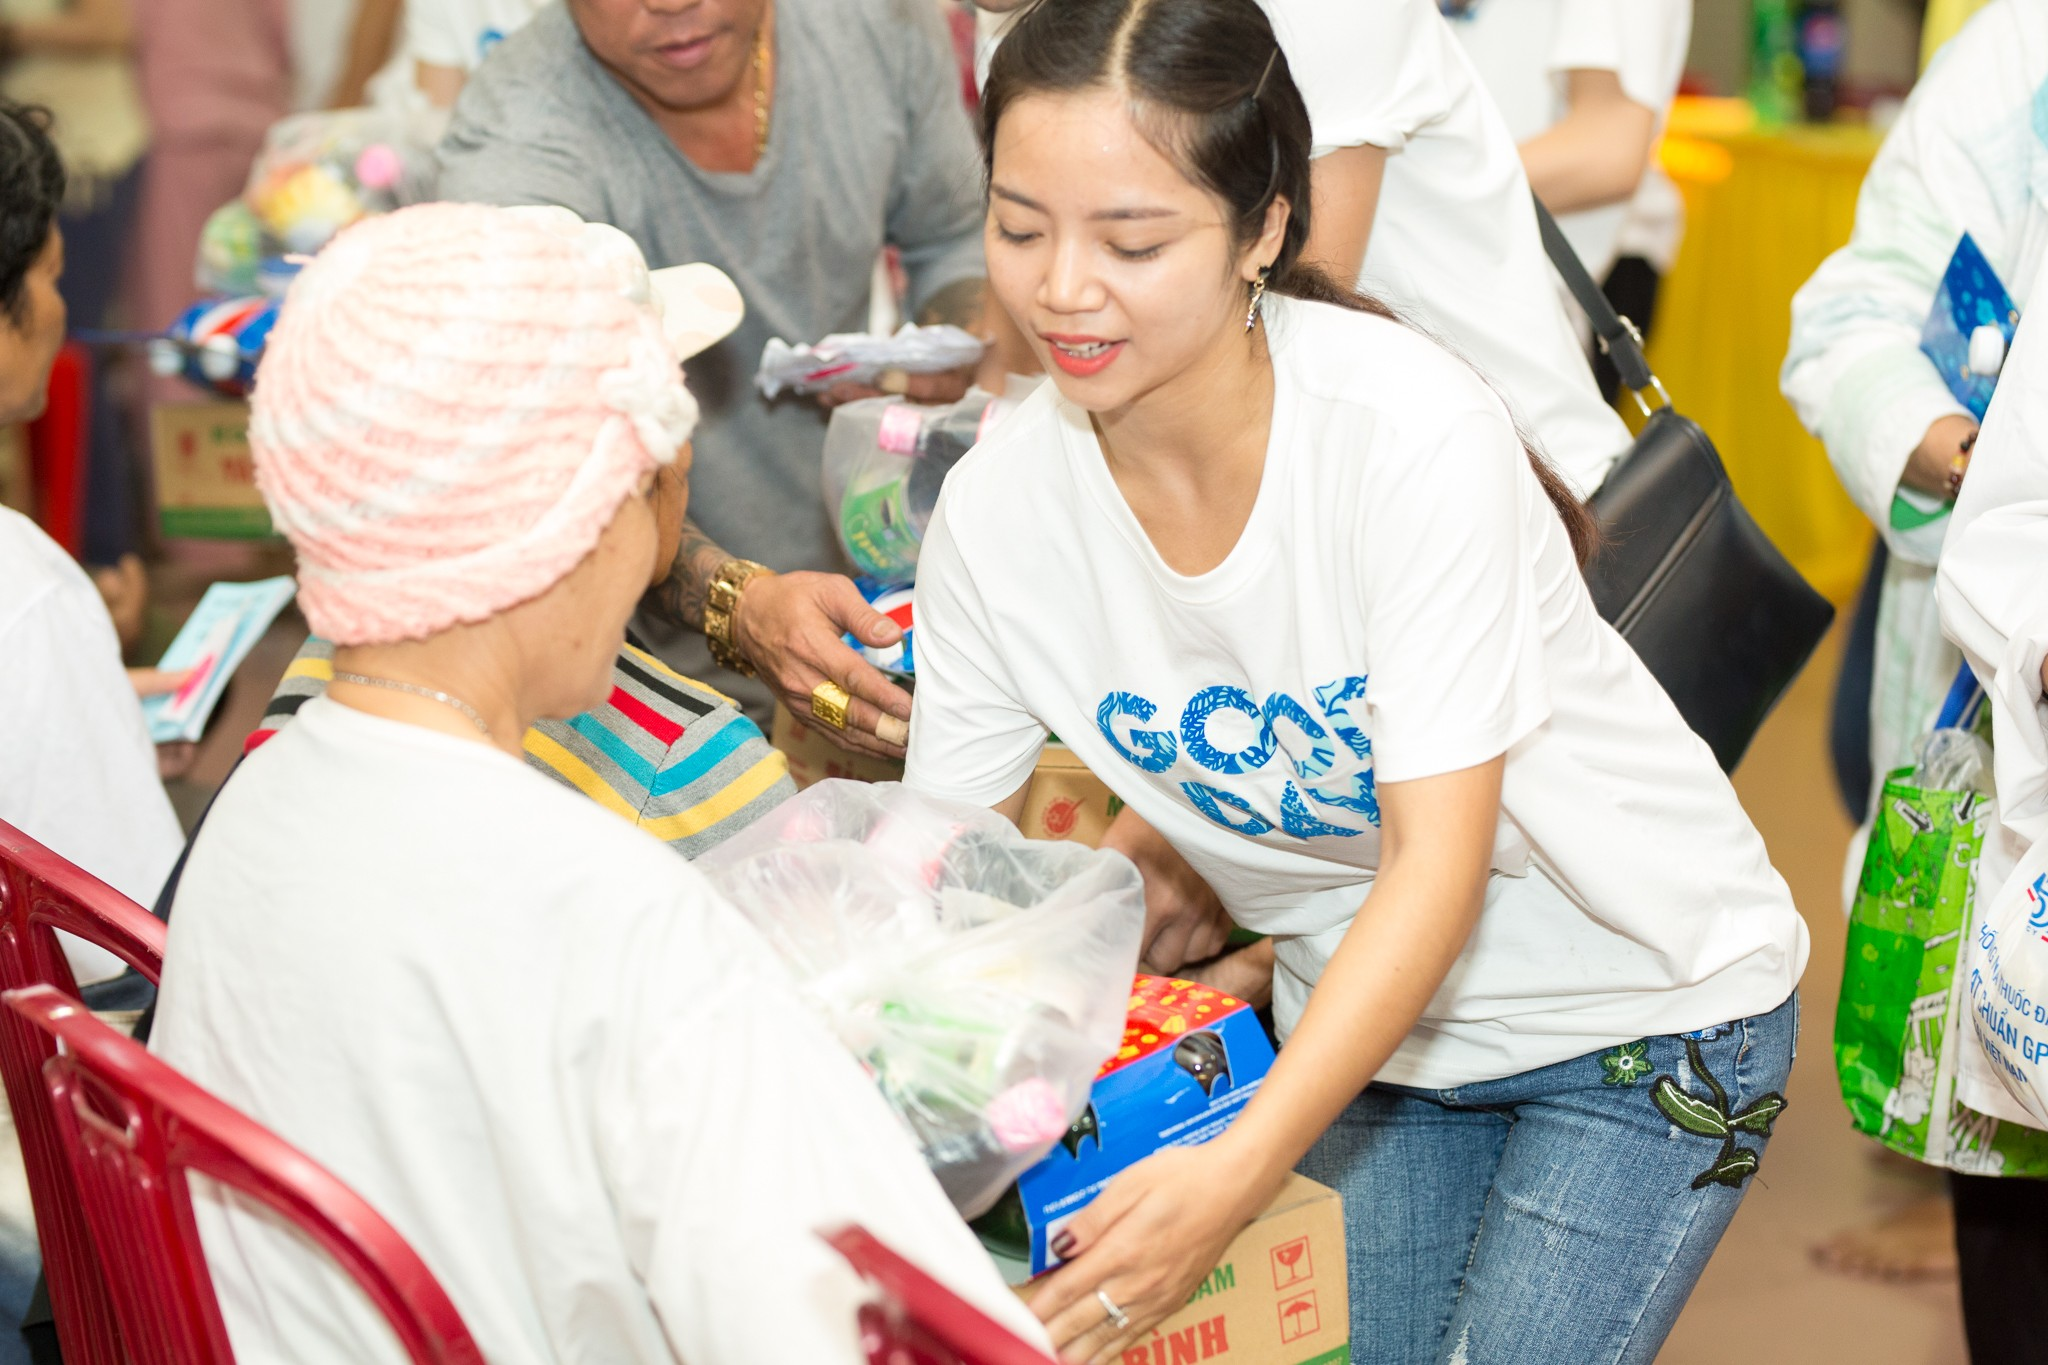 Hoàng Hải - thí sinh đội HLV Như Quỳnh chung tay trao những phần quà ý nghĩa cho những người có hoàn cảnh khó khăn.